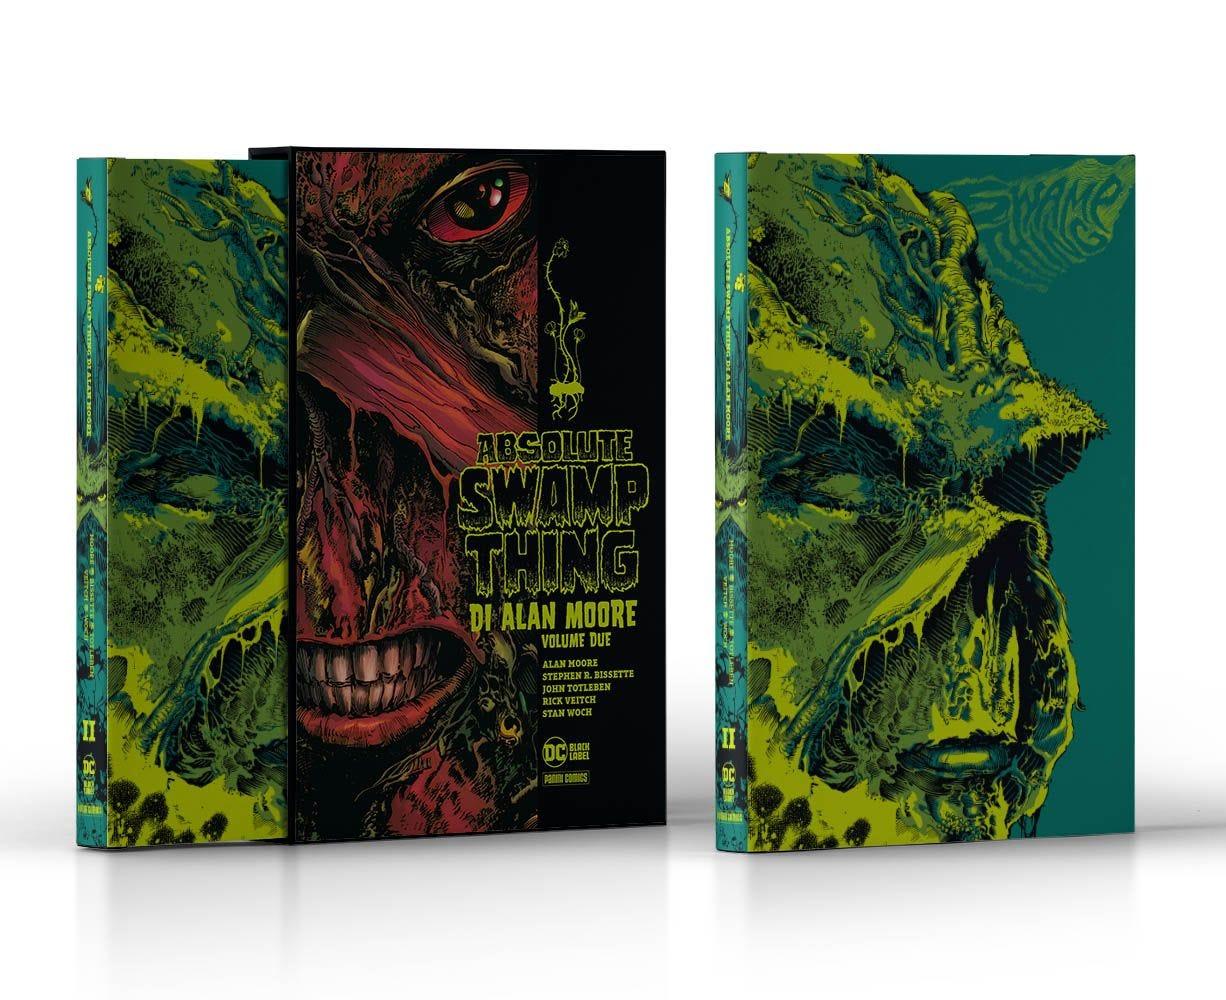 Swamp Thing di Alan Moore 2 Cinema, Videogiochi e Serie TV magazines